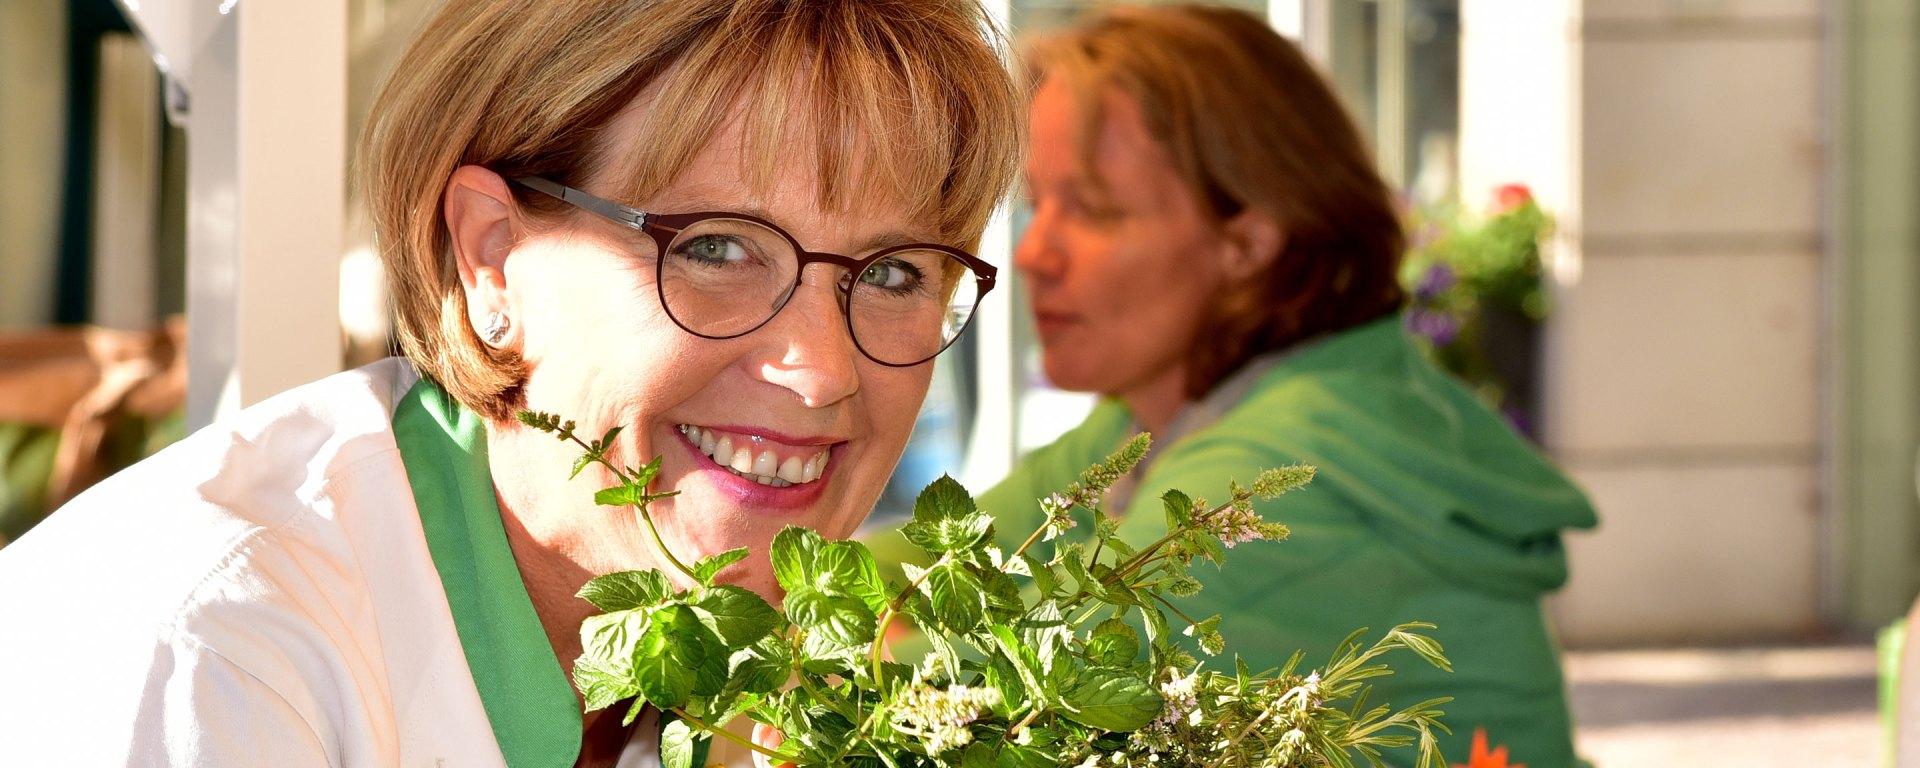 Susanne Röder auf dem Wochenmarkt